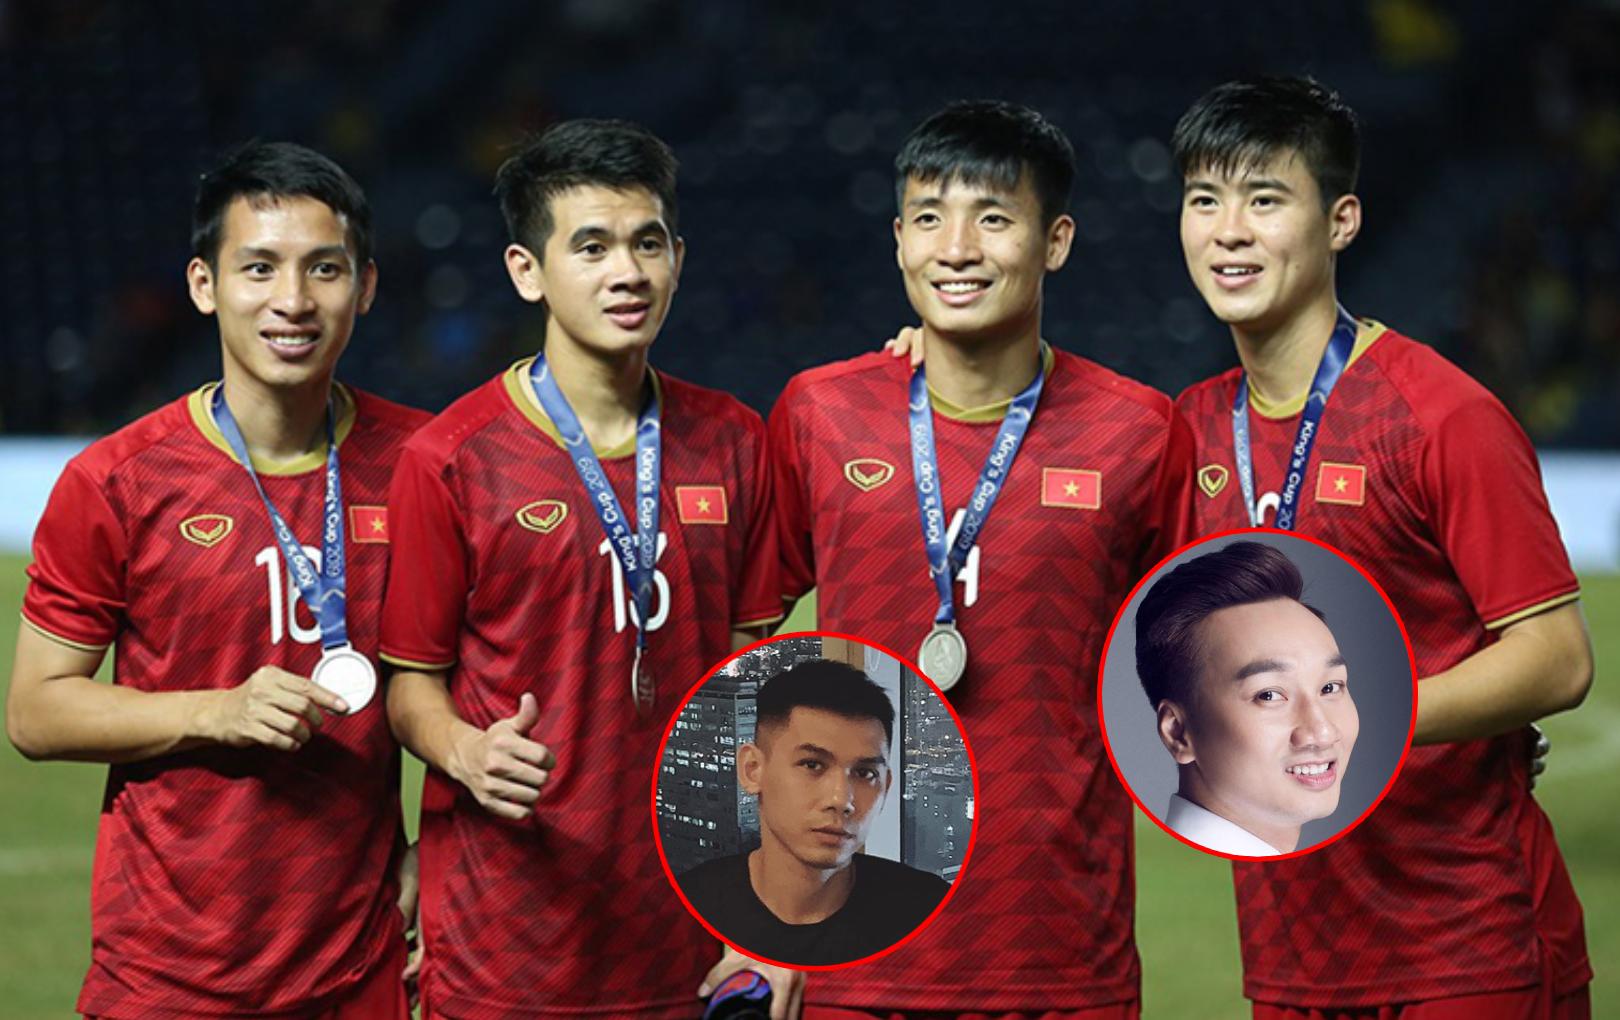 Sao Việt tiếc nuối, gửi lời động viên khi Việt Nam giành Á quân ở chung kết King's Cup 2019